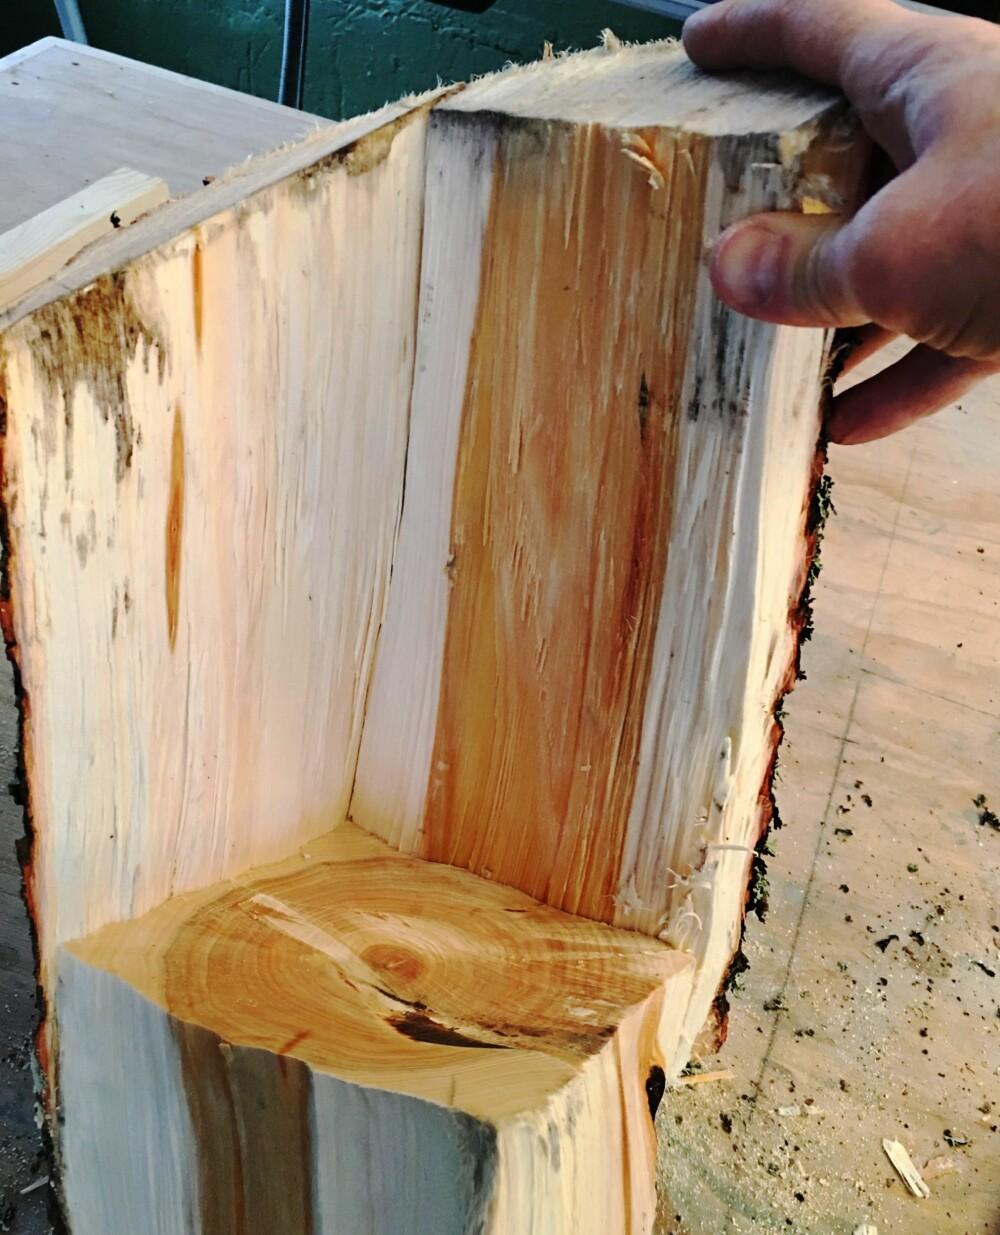 3. Klossen som blir igjen i midten skjærer du av ca. 10 cm opp fra bunnen. Nå kan du sette på sidene igjen. Start med å spikre dem fast til bunnklossen.